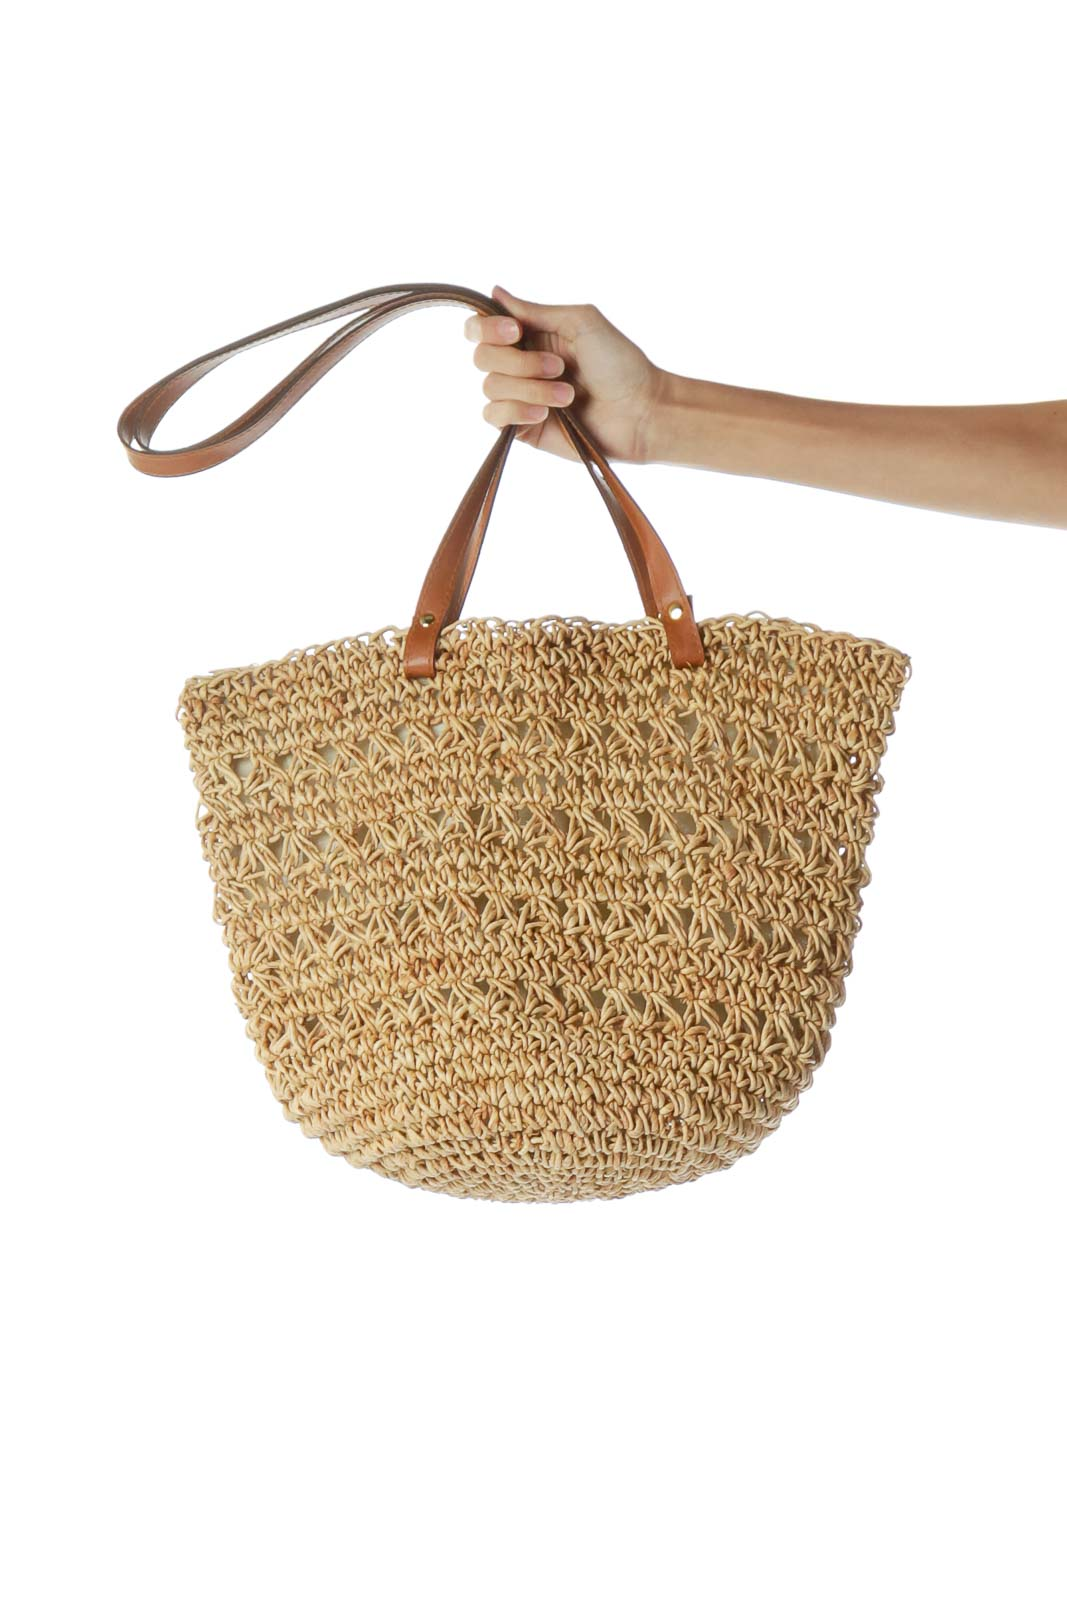 Beige Straw Tote Bag